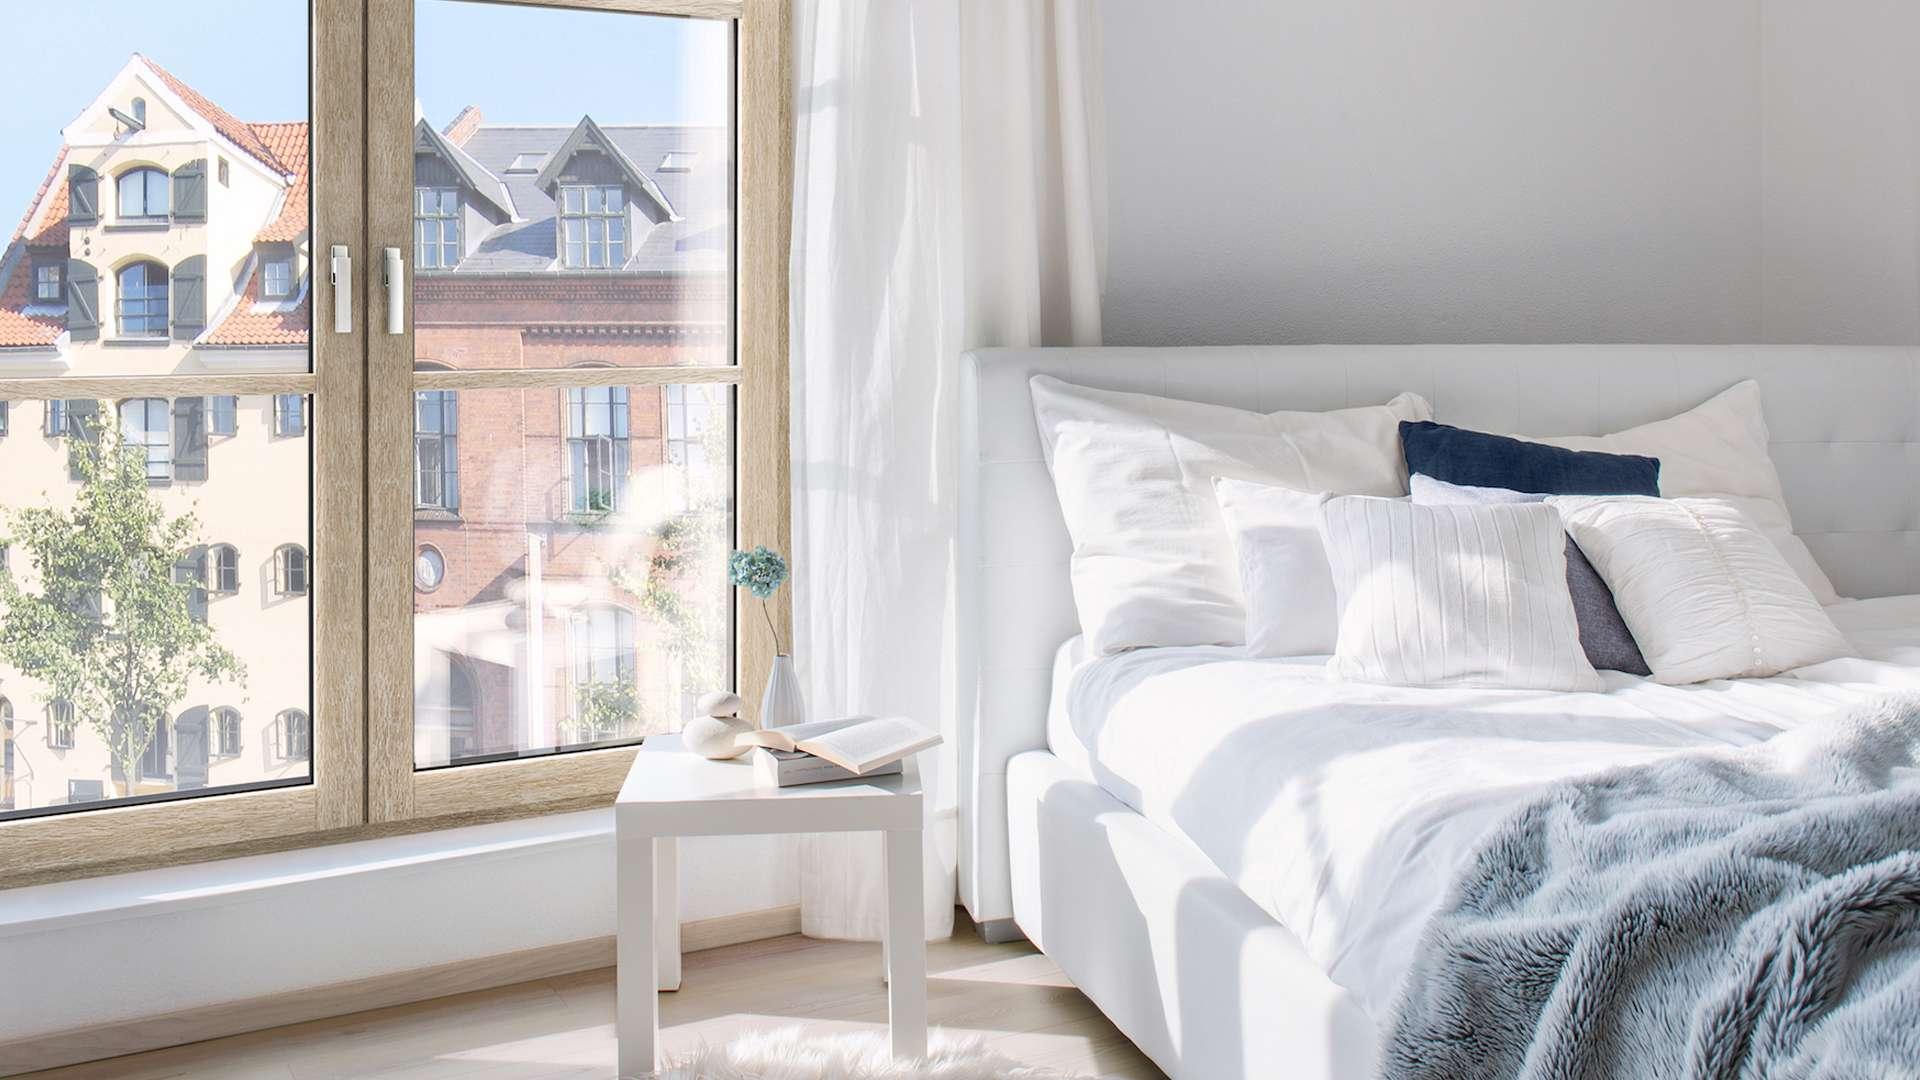 Schlafzimmer mit Fenster aus Eclaz Wärmeschutzglas von Internorm